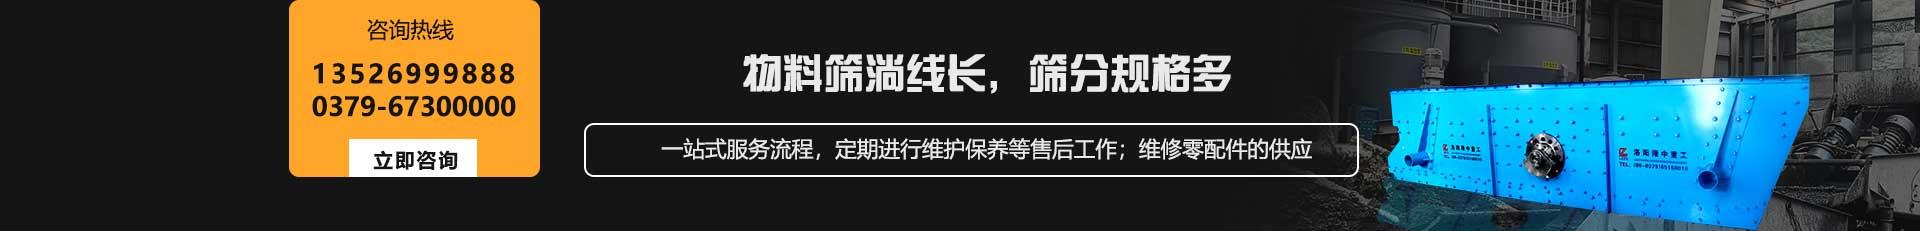 洛yanglong中ya游集团下载lian系方式